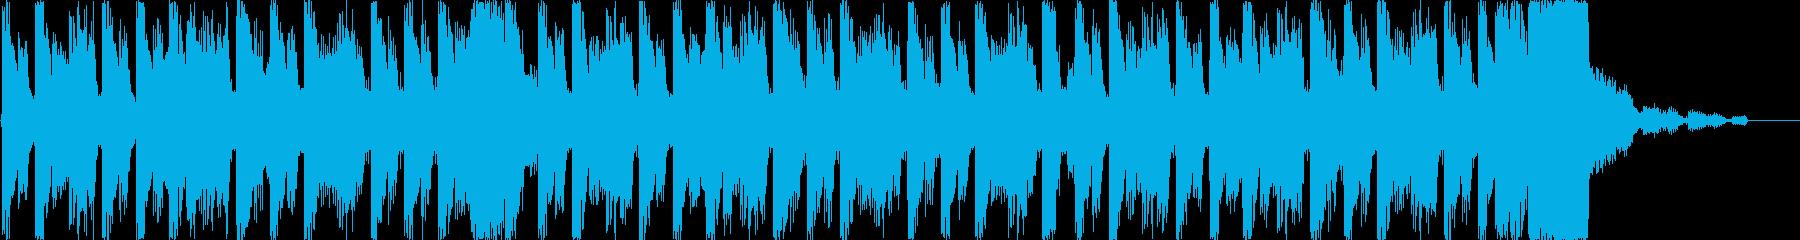 ゲーム・映像などエレクトロ系・EDMな…の再生済みの波形